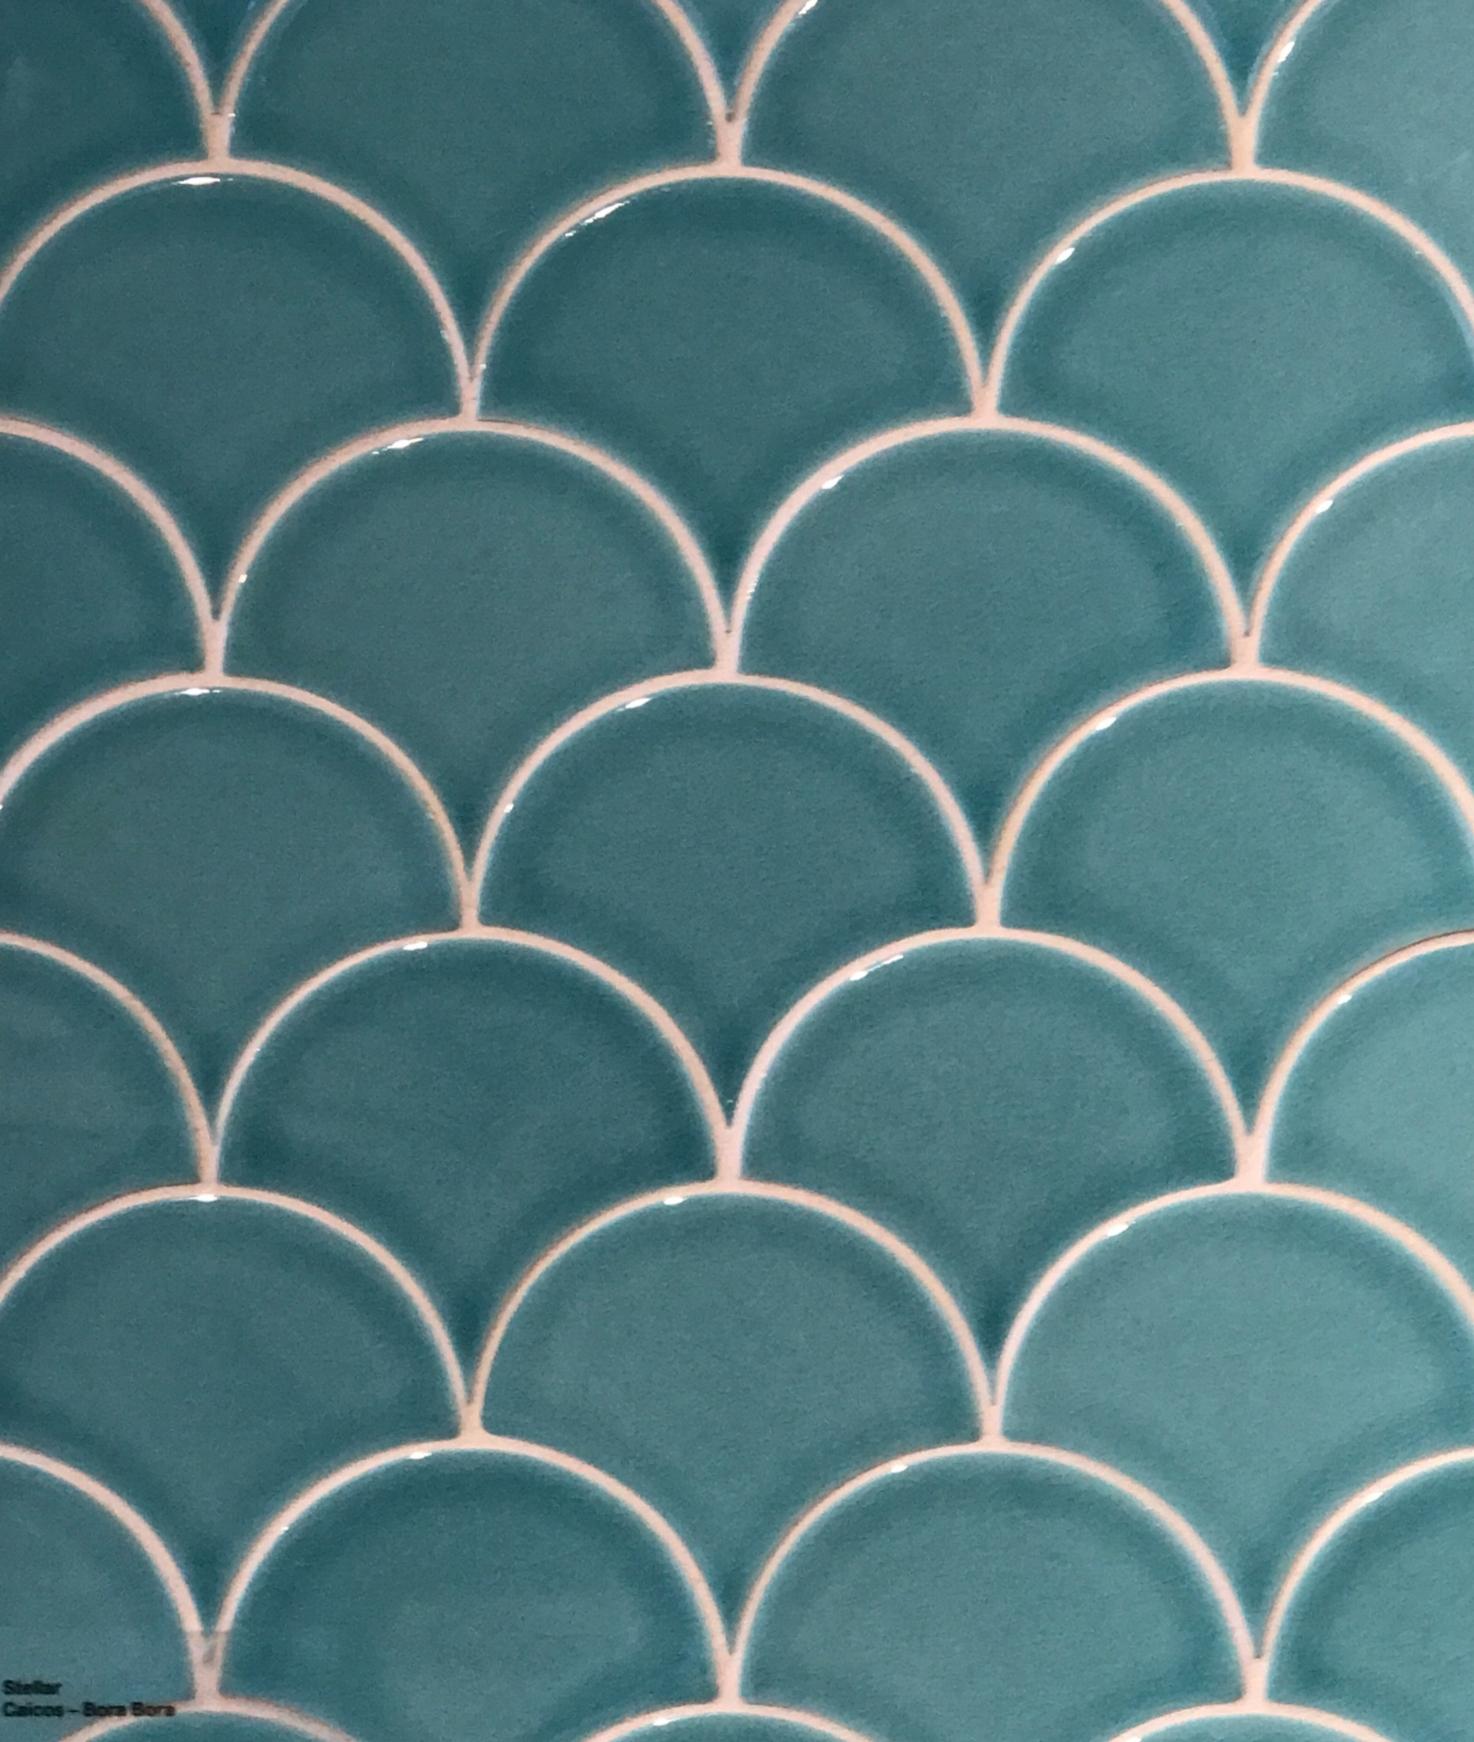 fishscale tile.jpg